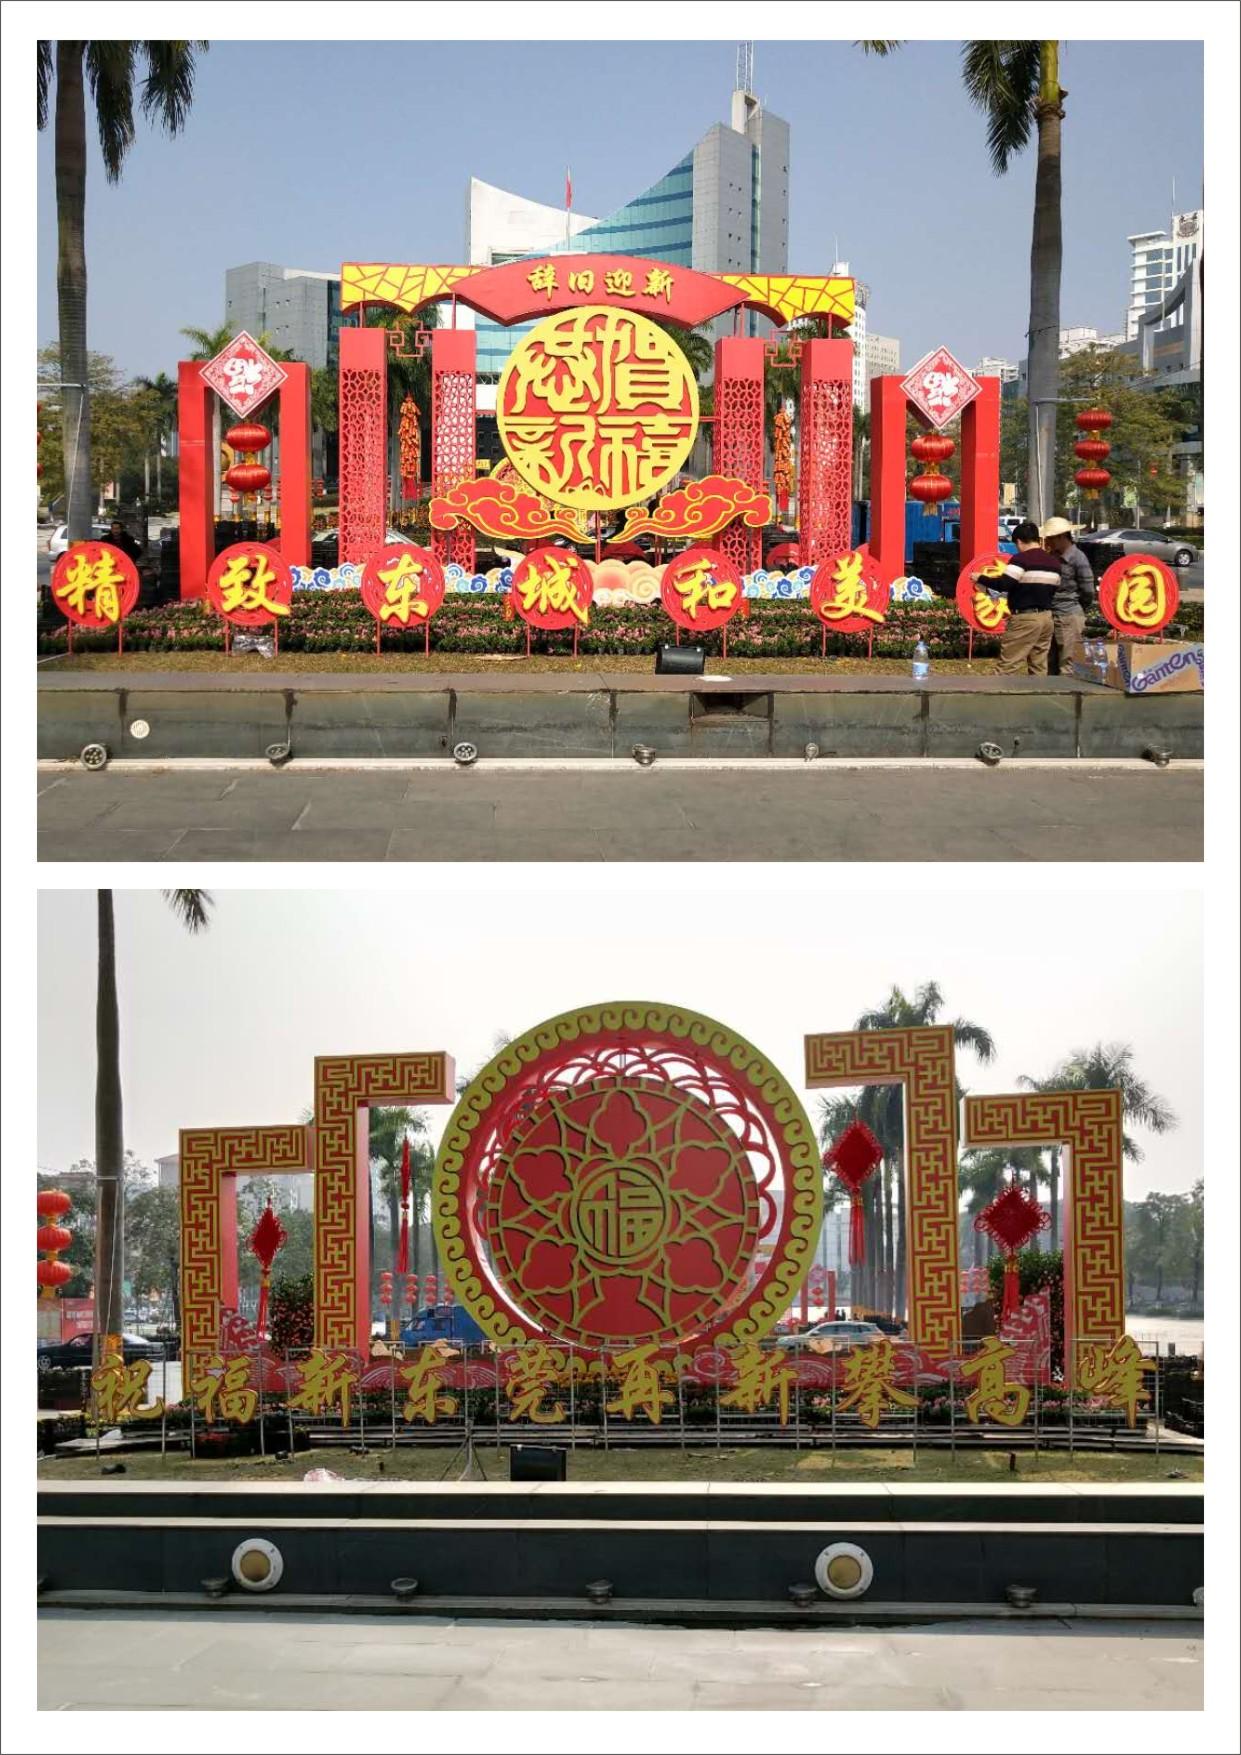 东莞市东城领航广告_东城政府2018年春节气氛装饰_鸿博广告